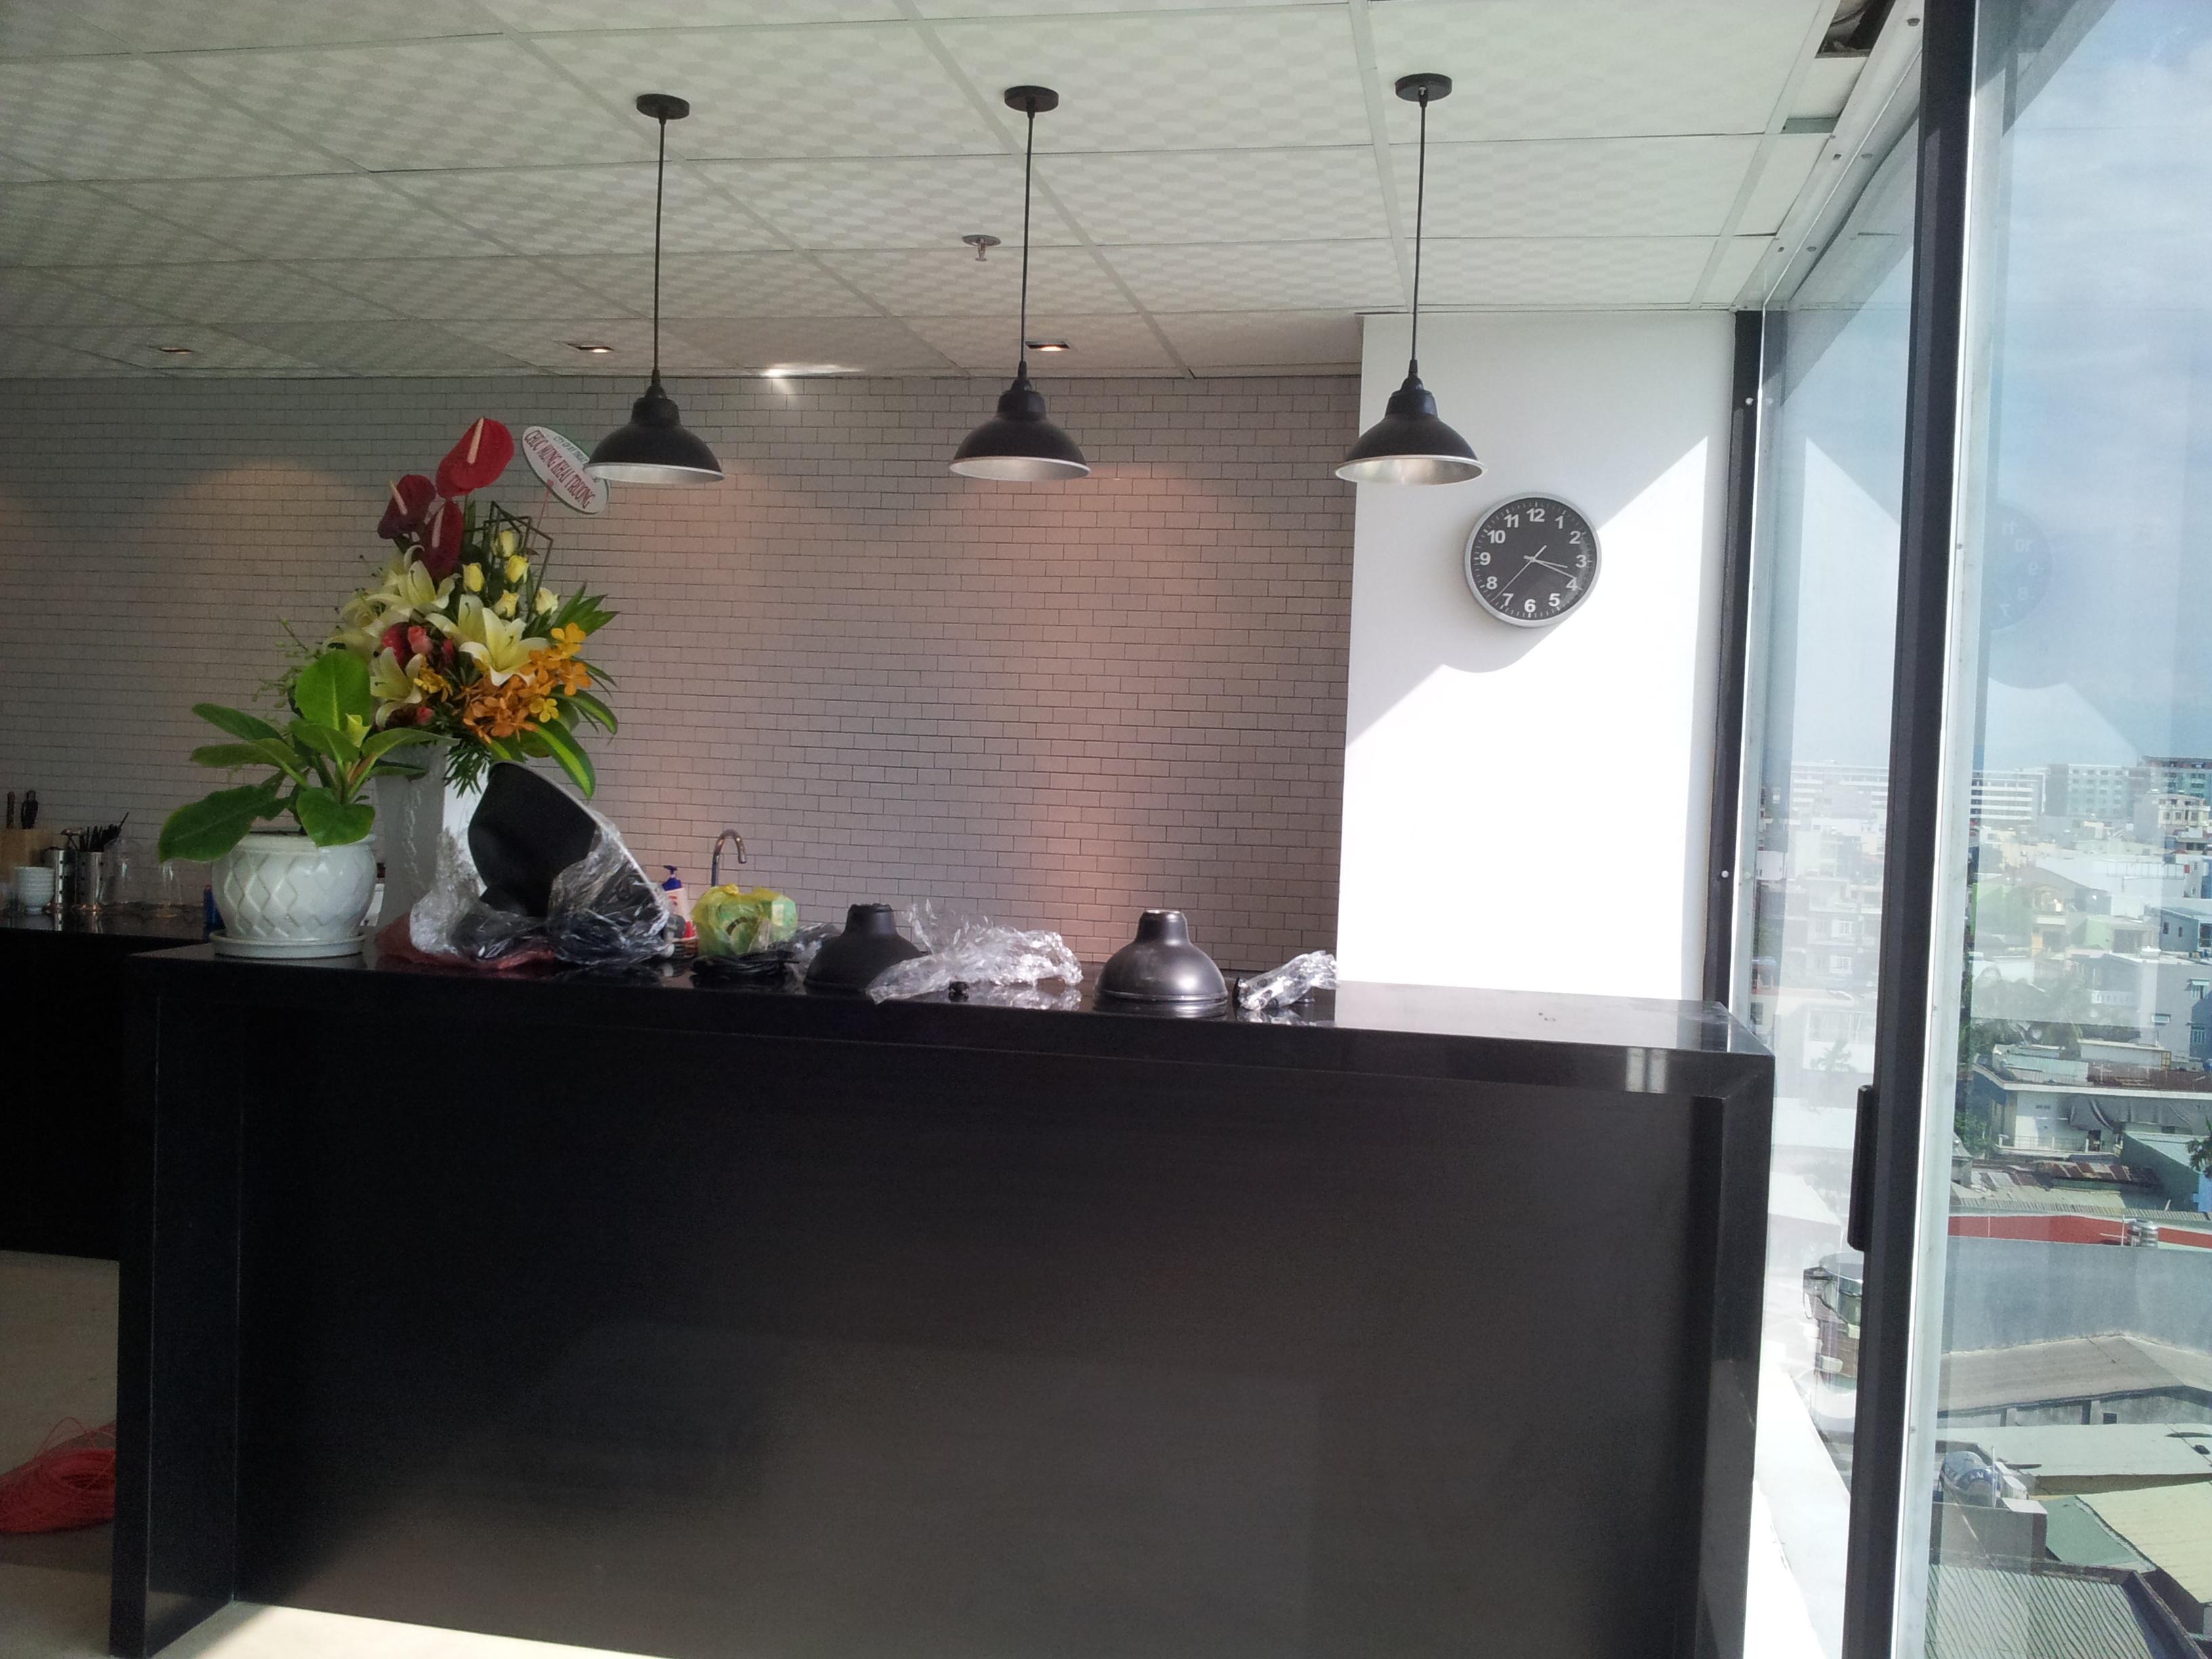 Văn phòng công ty Pixelz tại Đà Nẵng